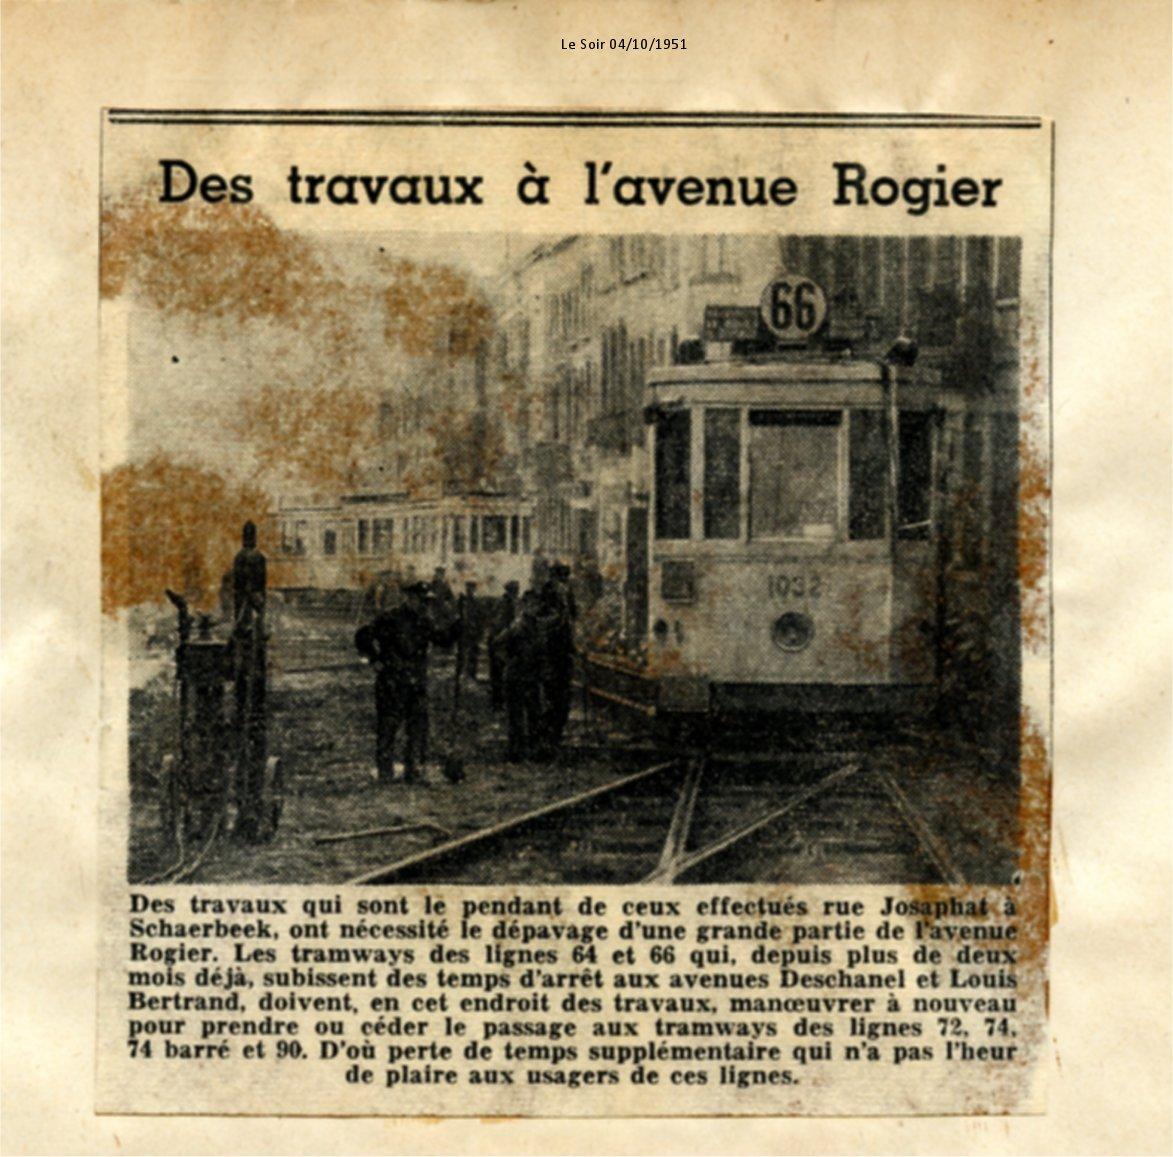 Le Soir - 04/10/1951